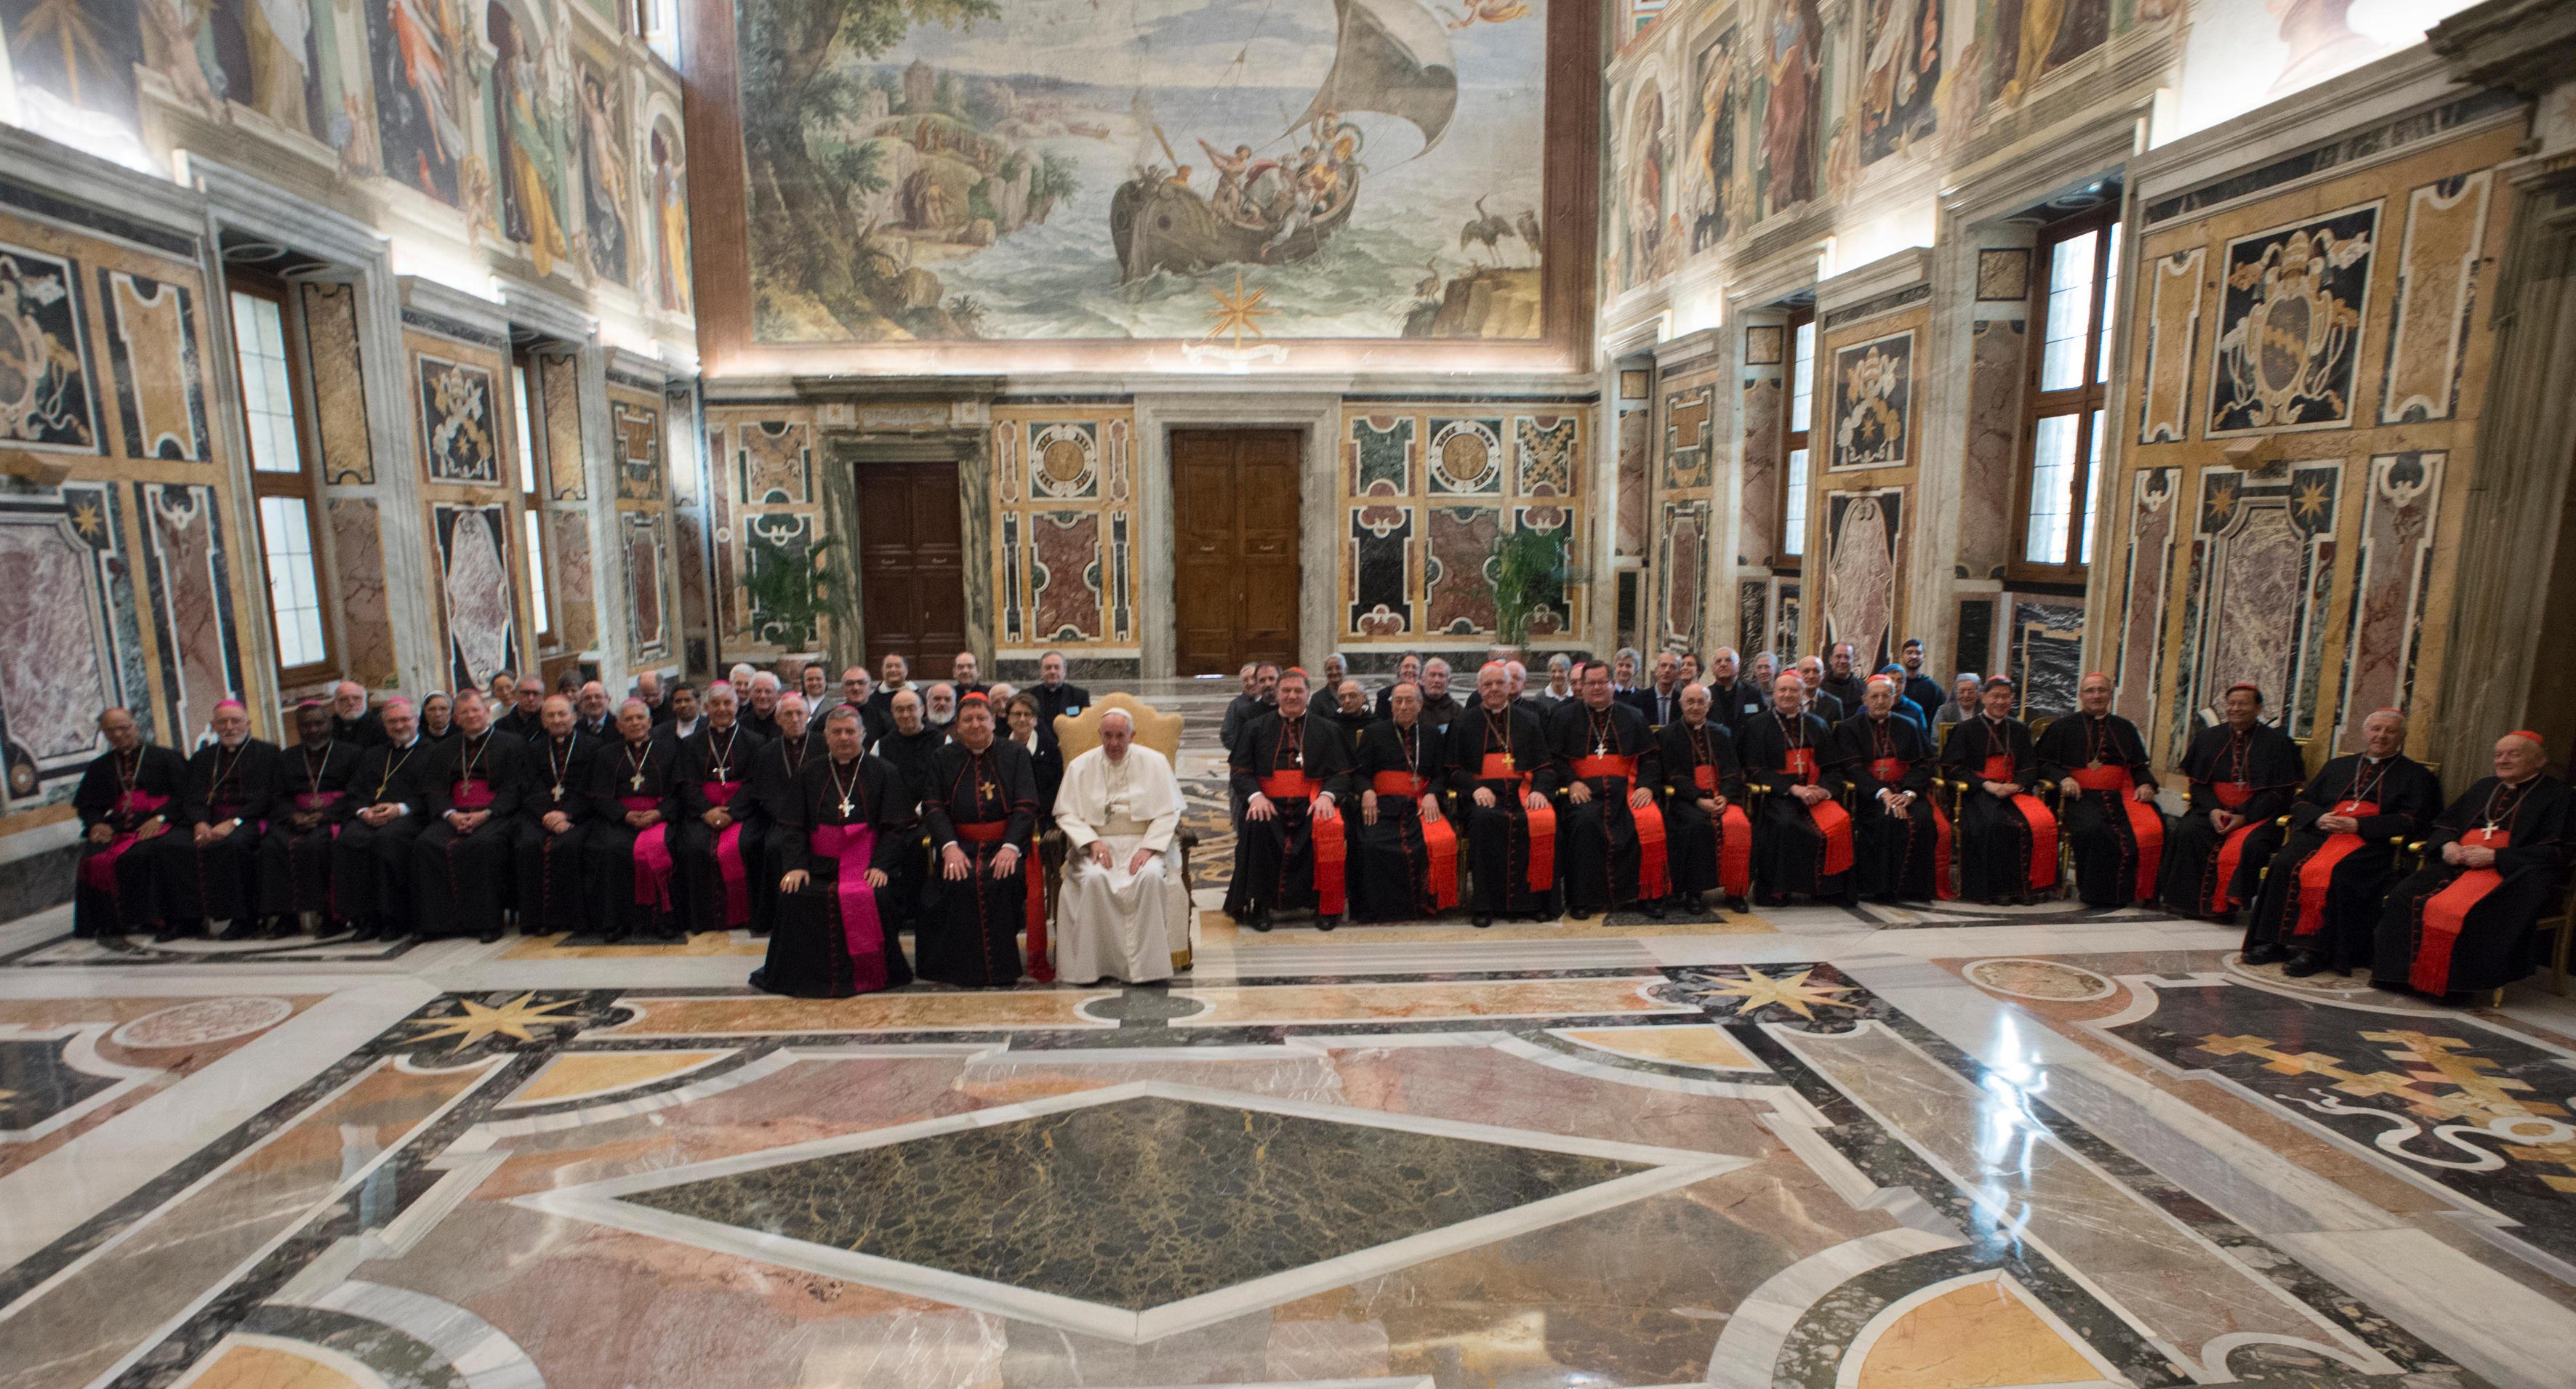 Plénière de la Congrégation pour les Instituts de Vie consacrée © L'Osservatore Romano